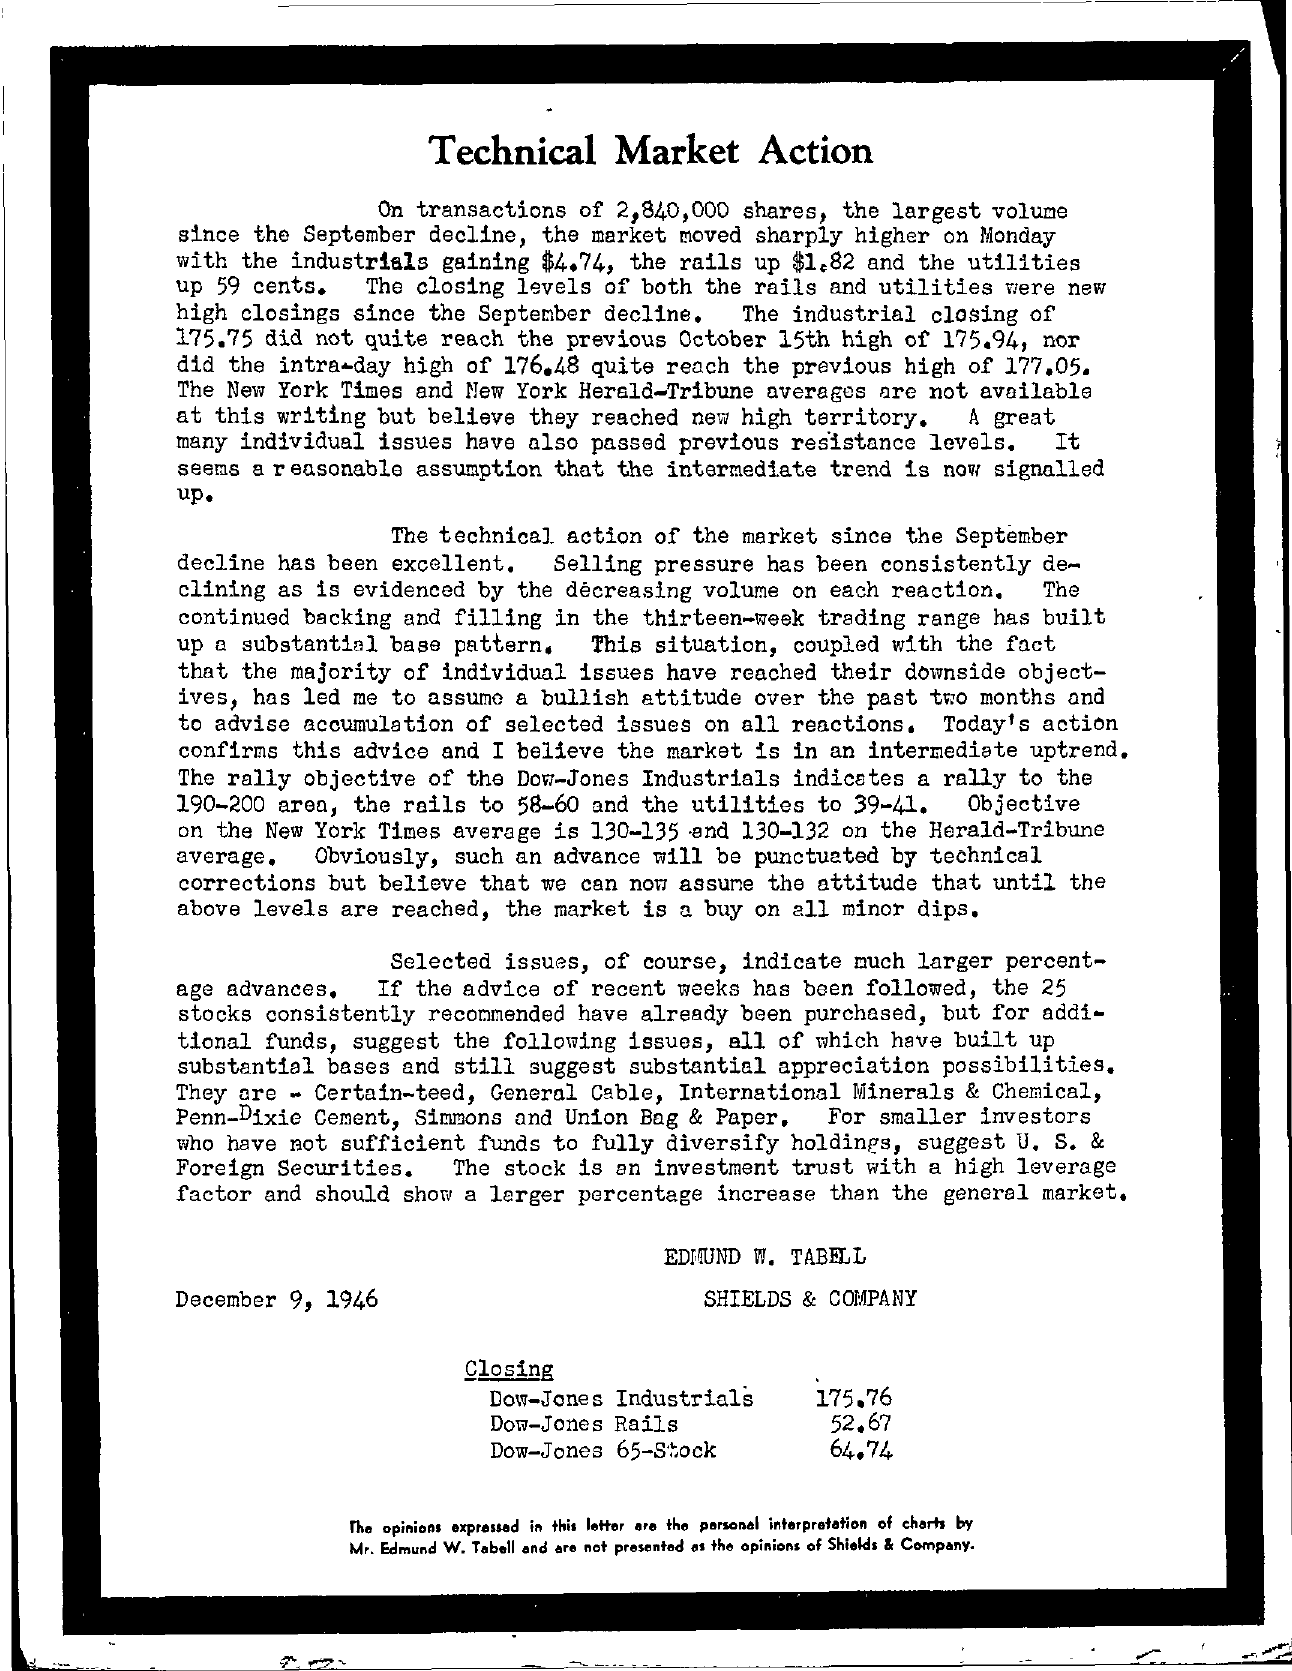 Tabell's Market Letter - December 09, 1946